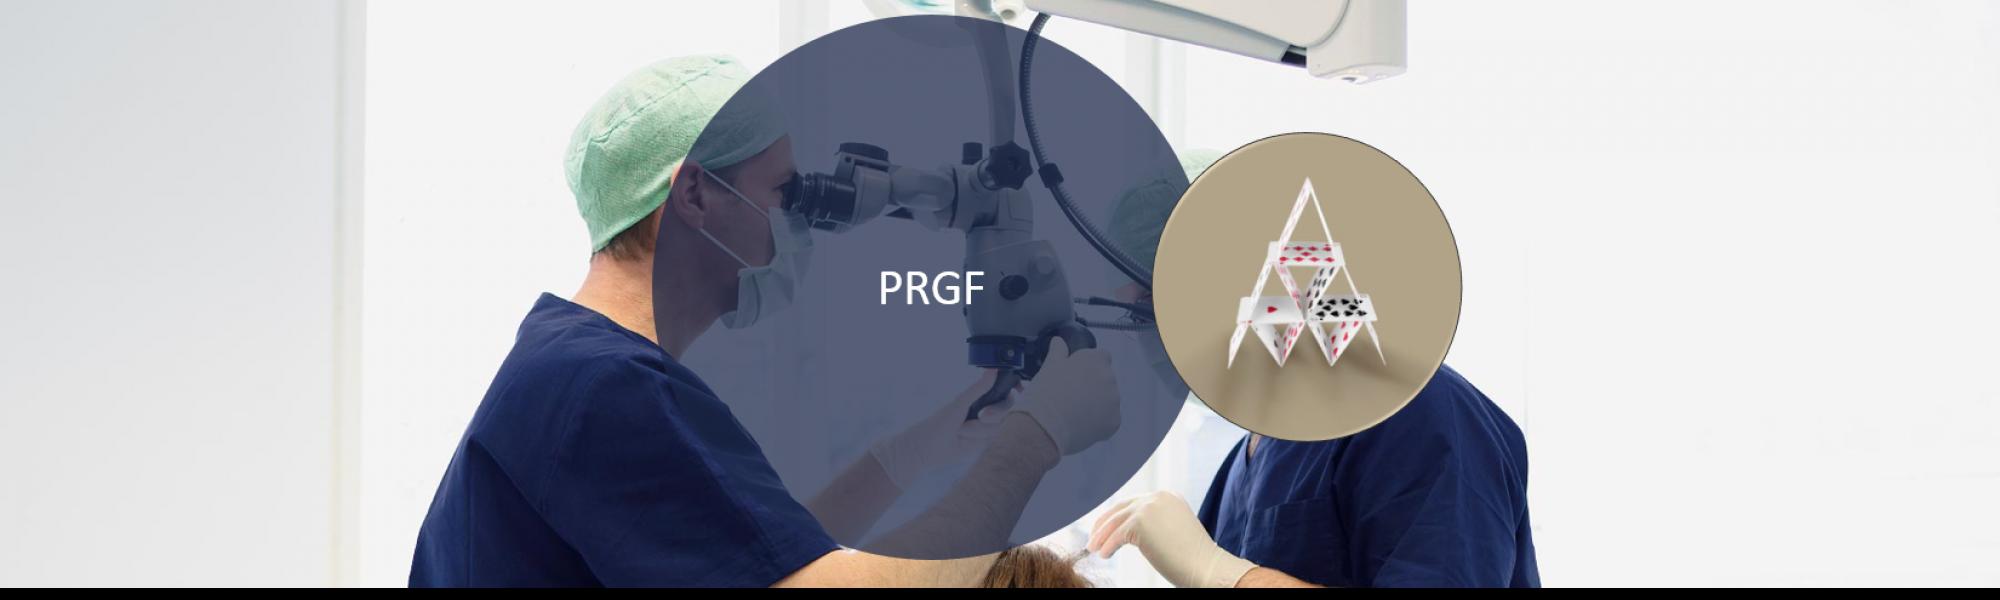 PRGF-Methode anwenden bei Groisman & Laube